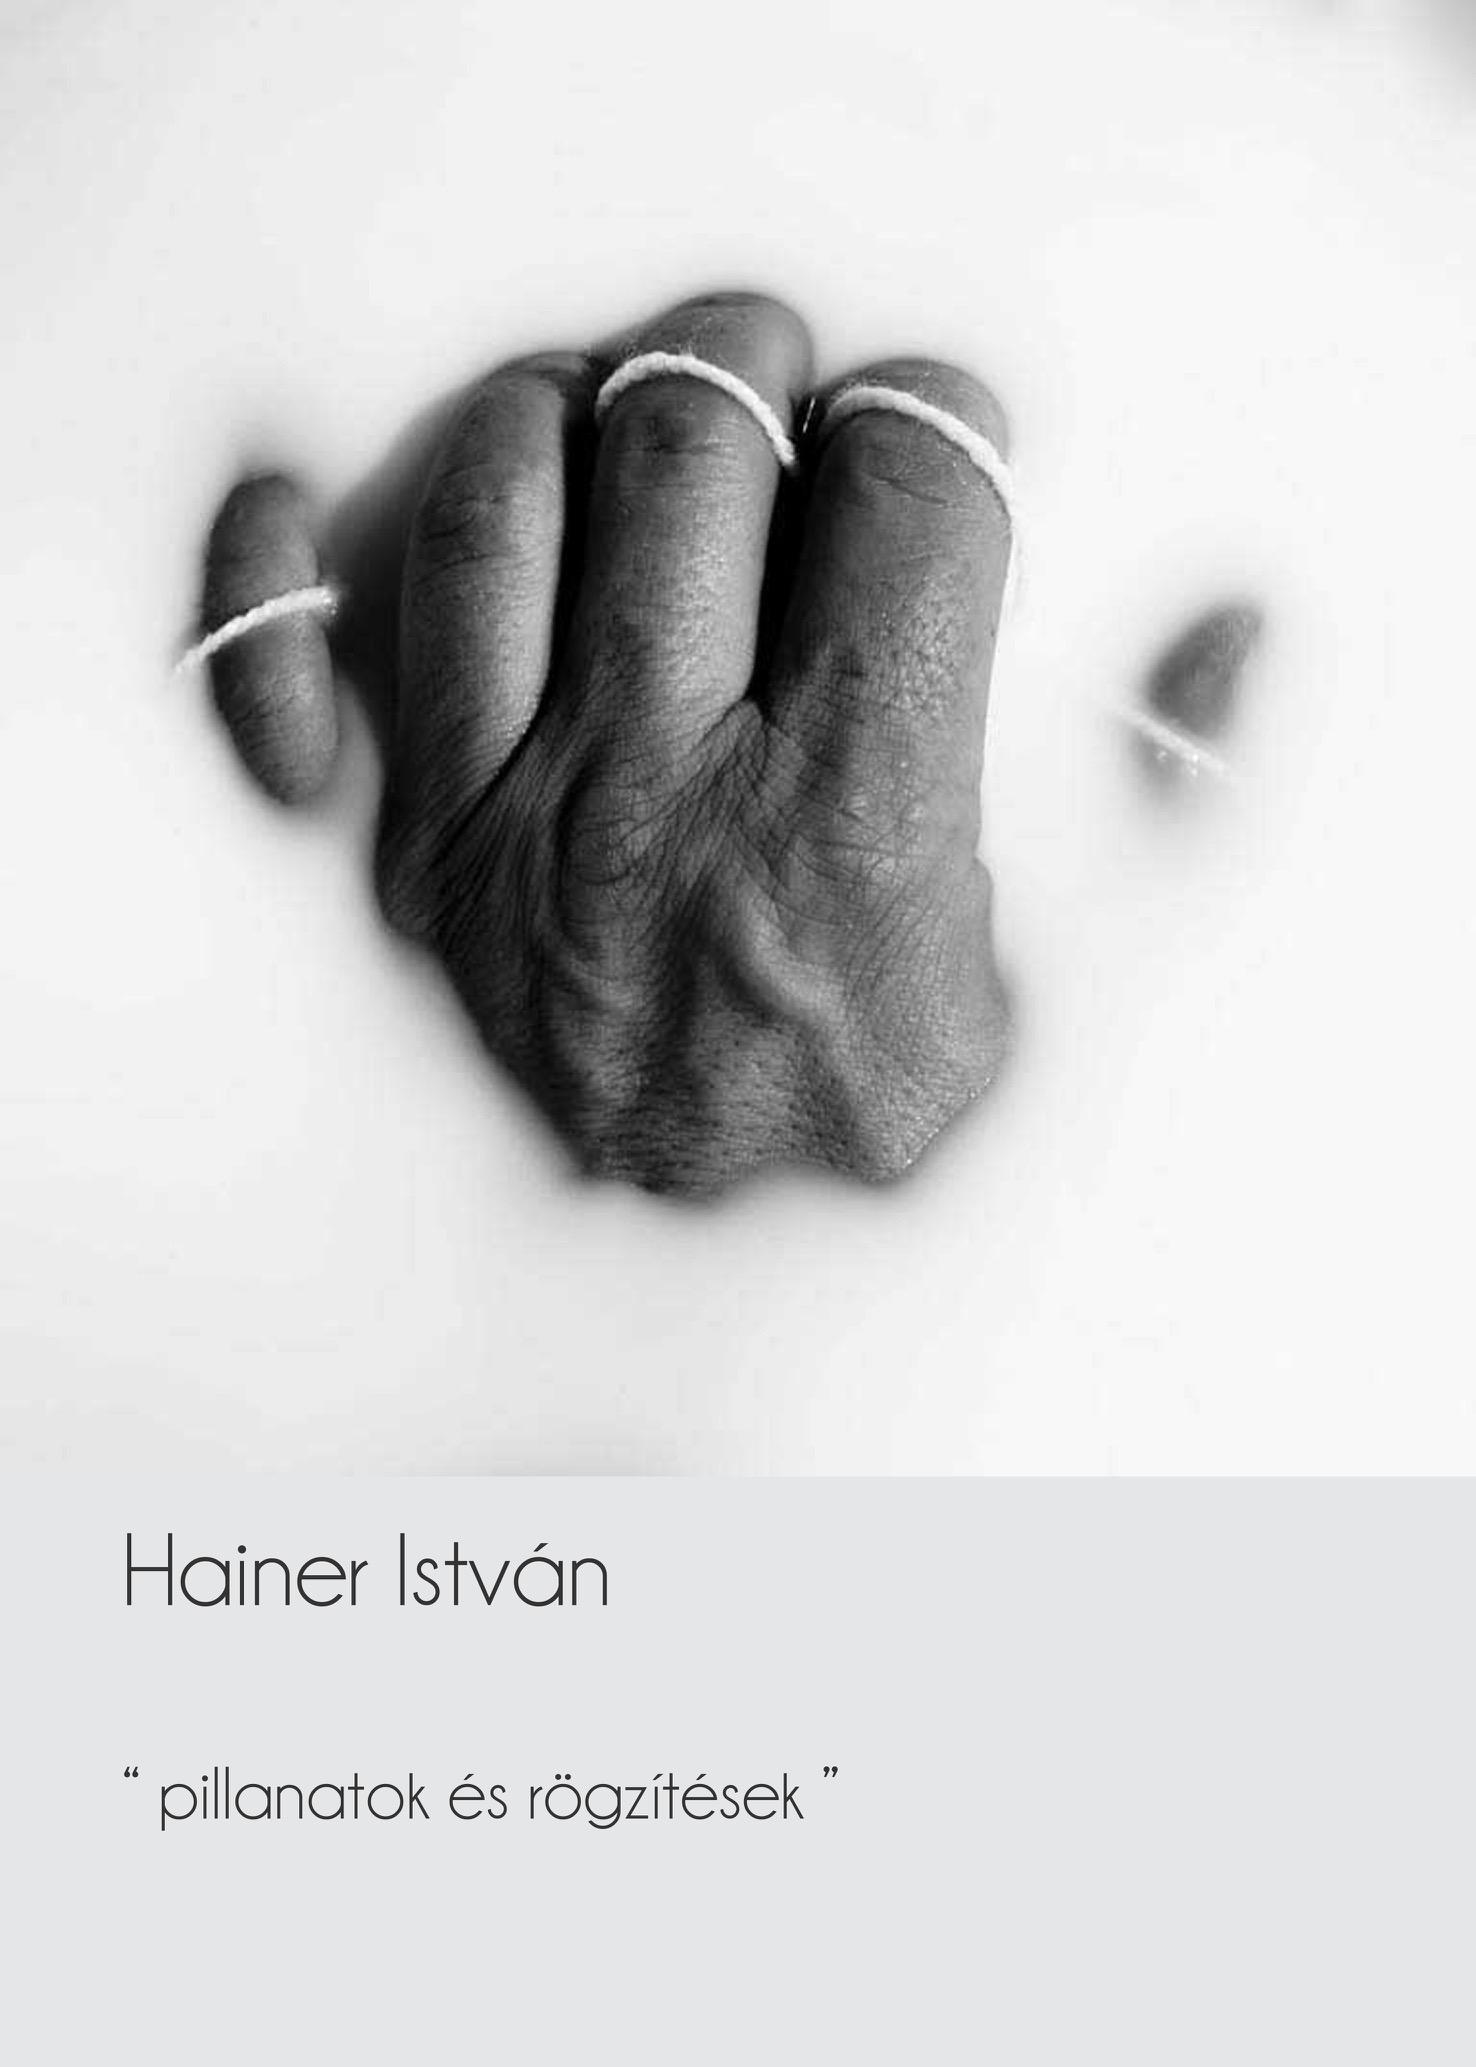 Hainer